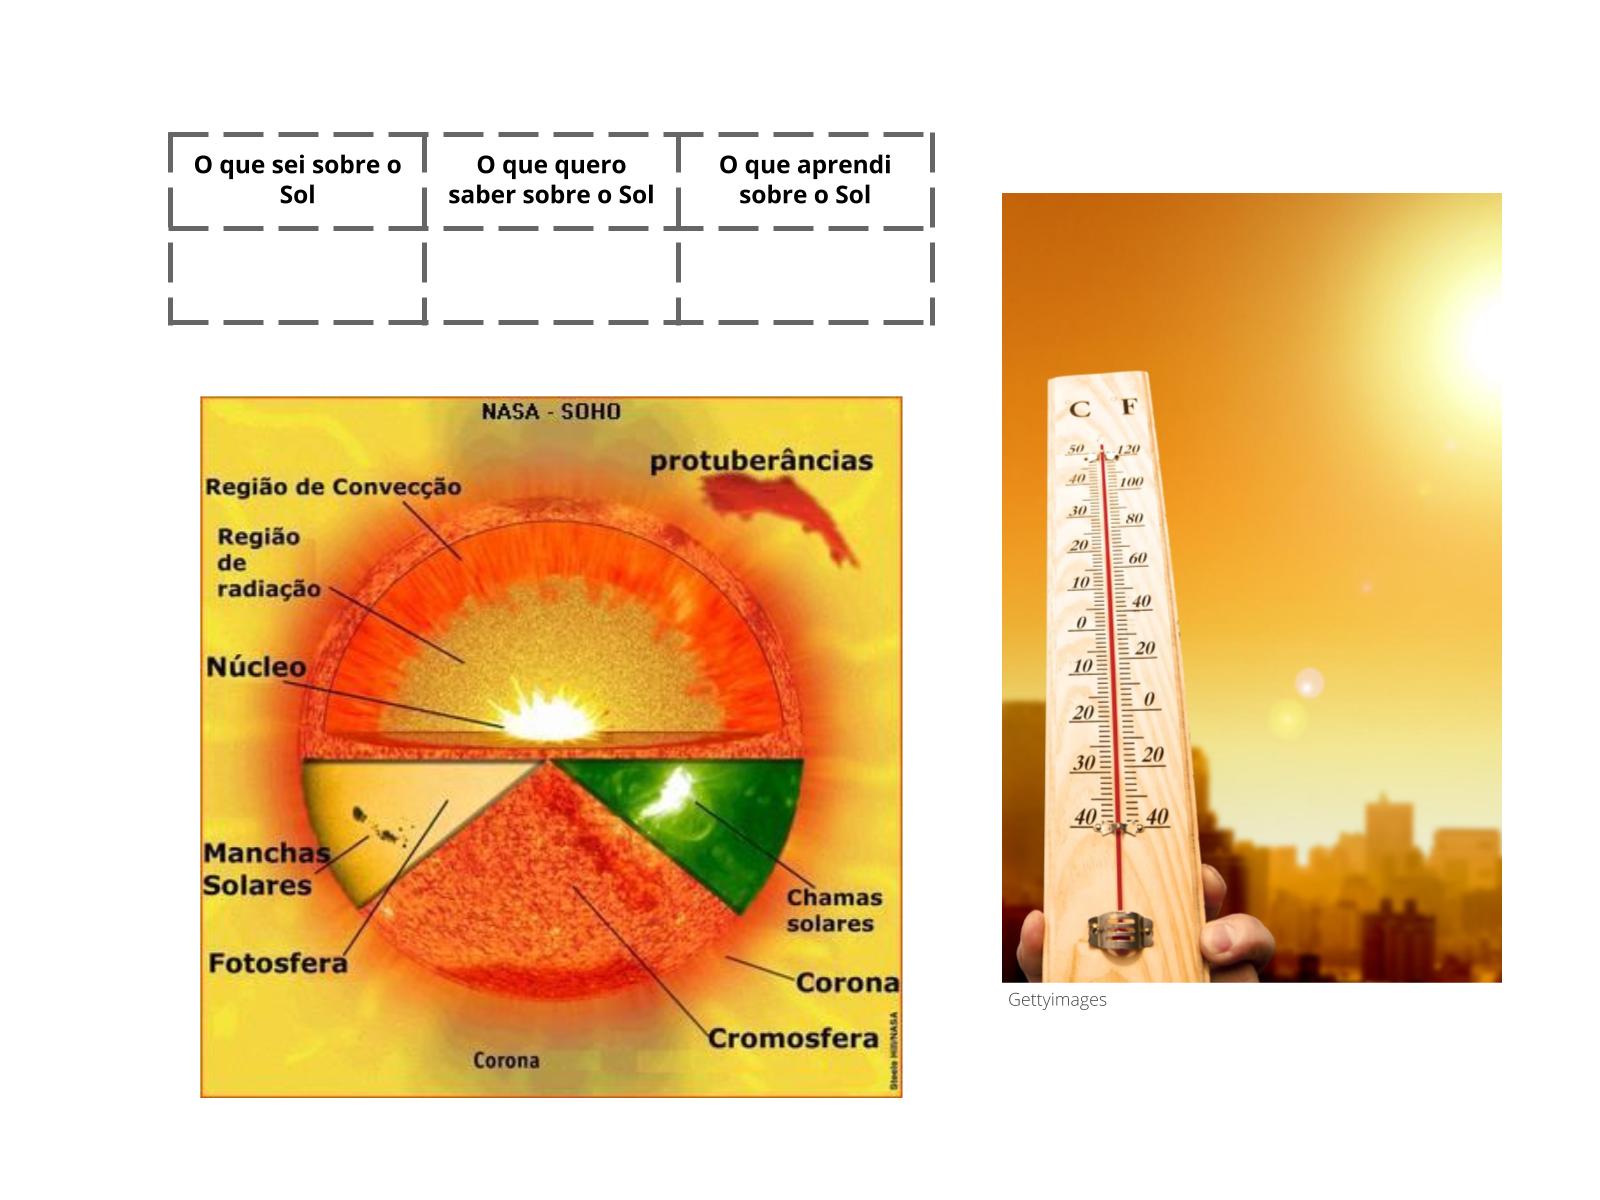 Ciclo de vida do Sol: efeitos das erupções solares na Terra